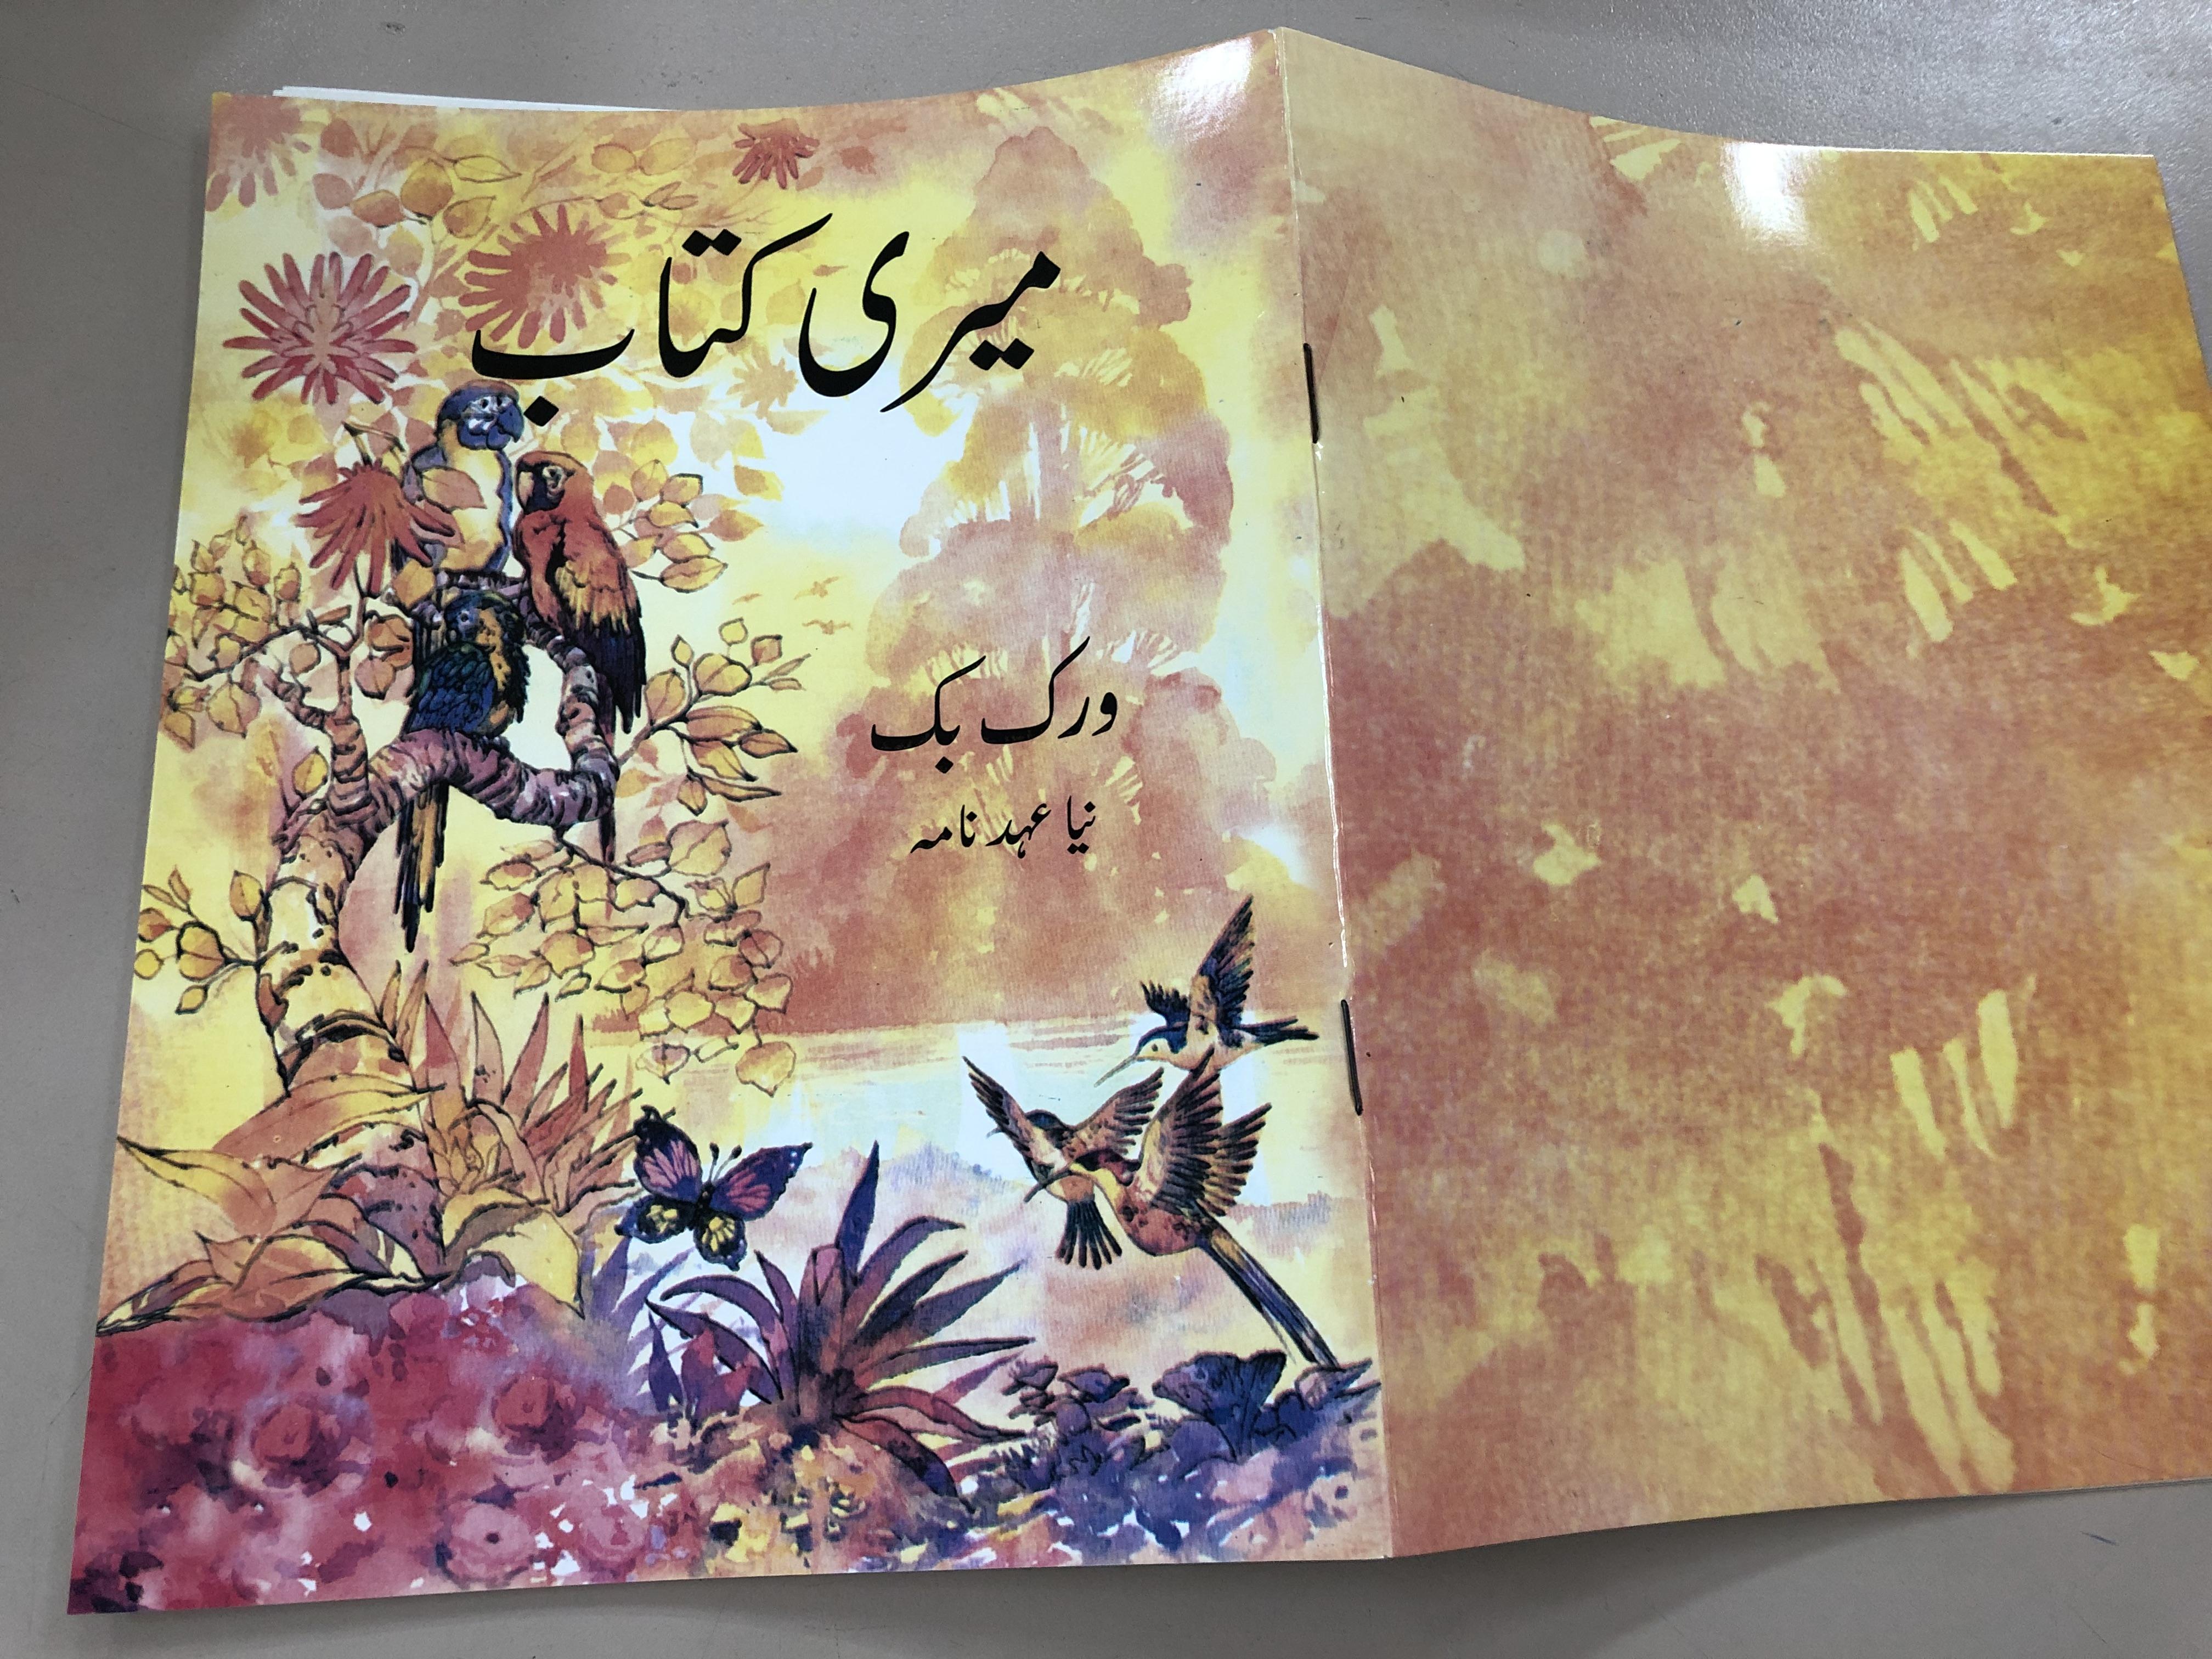 urdu-edition-of-the-children-s-bible-by-anne-de-vries-kleutervertelboek-voor-de-bijbelse-geschiedenis-paperback-2018-10-.jpg